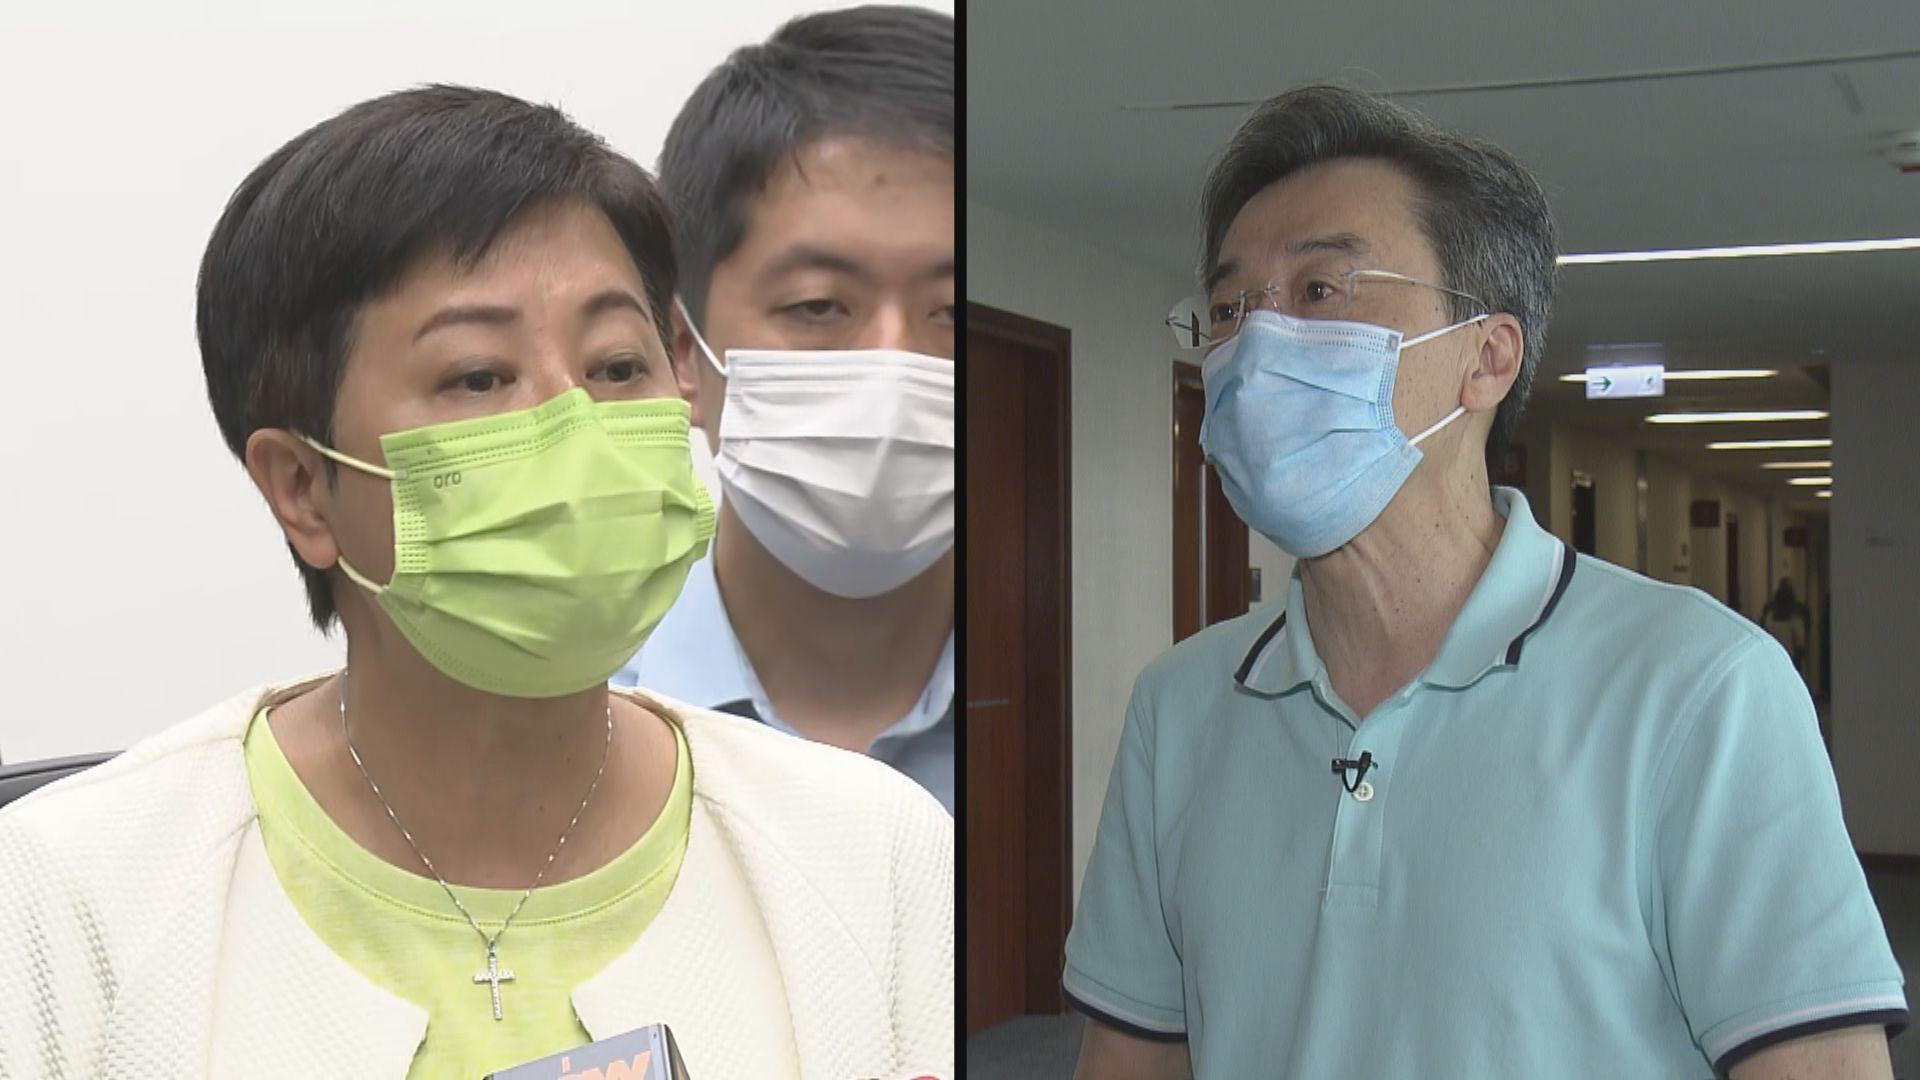 黃碧雲及李國麟承認初選落敗 不會參選立法會選舉